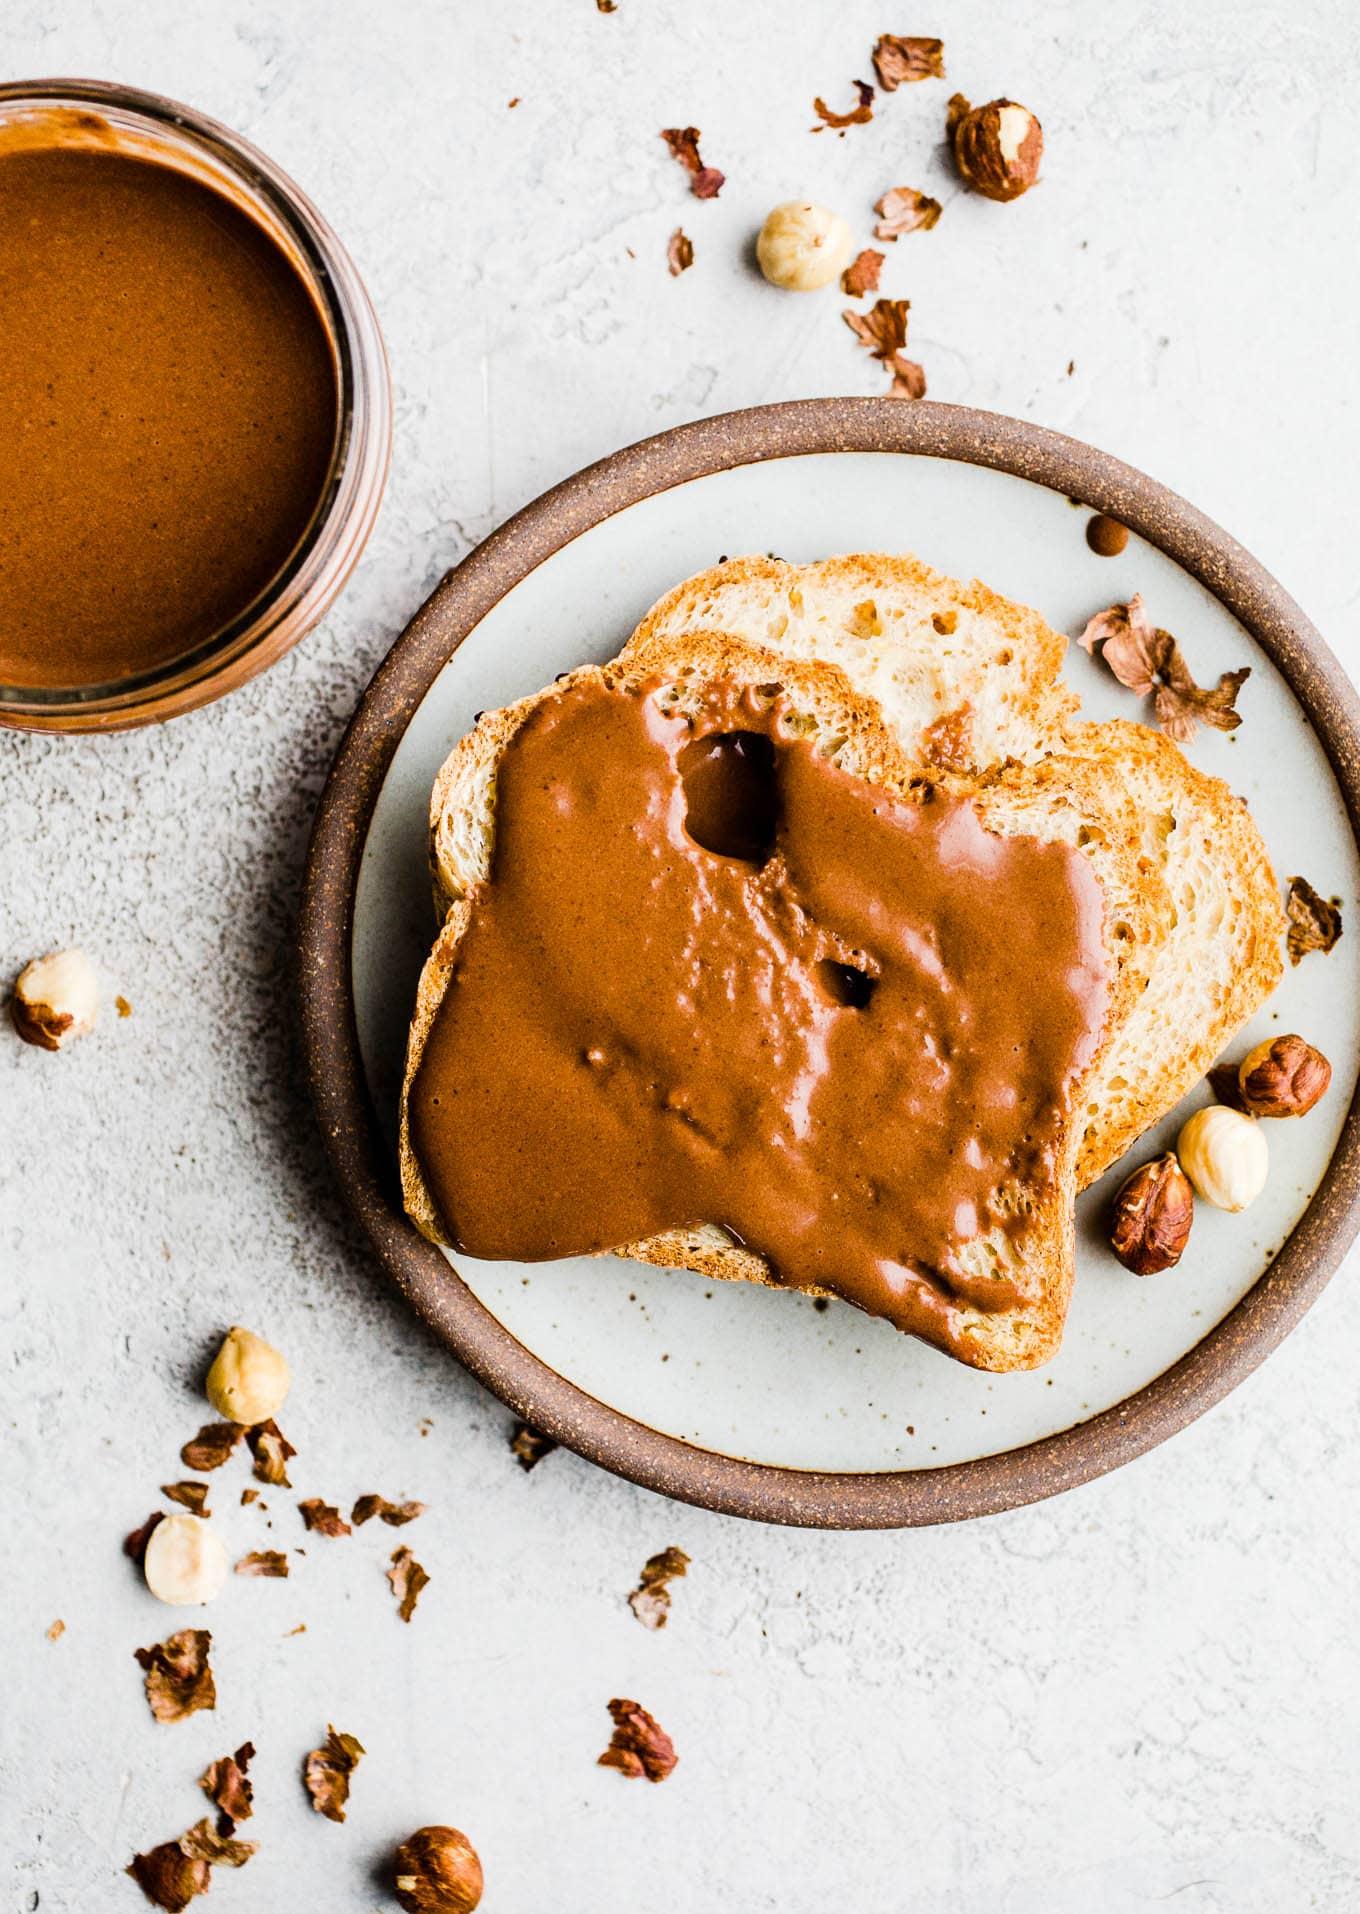 homemade Nutella on toast